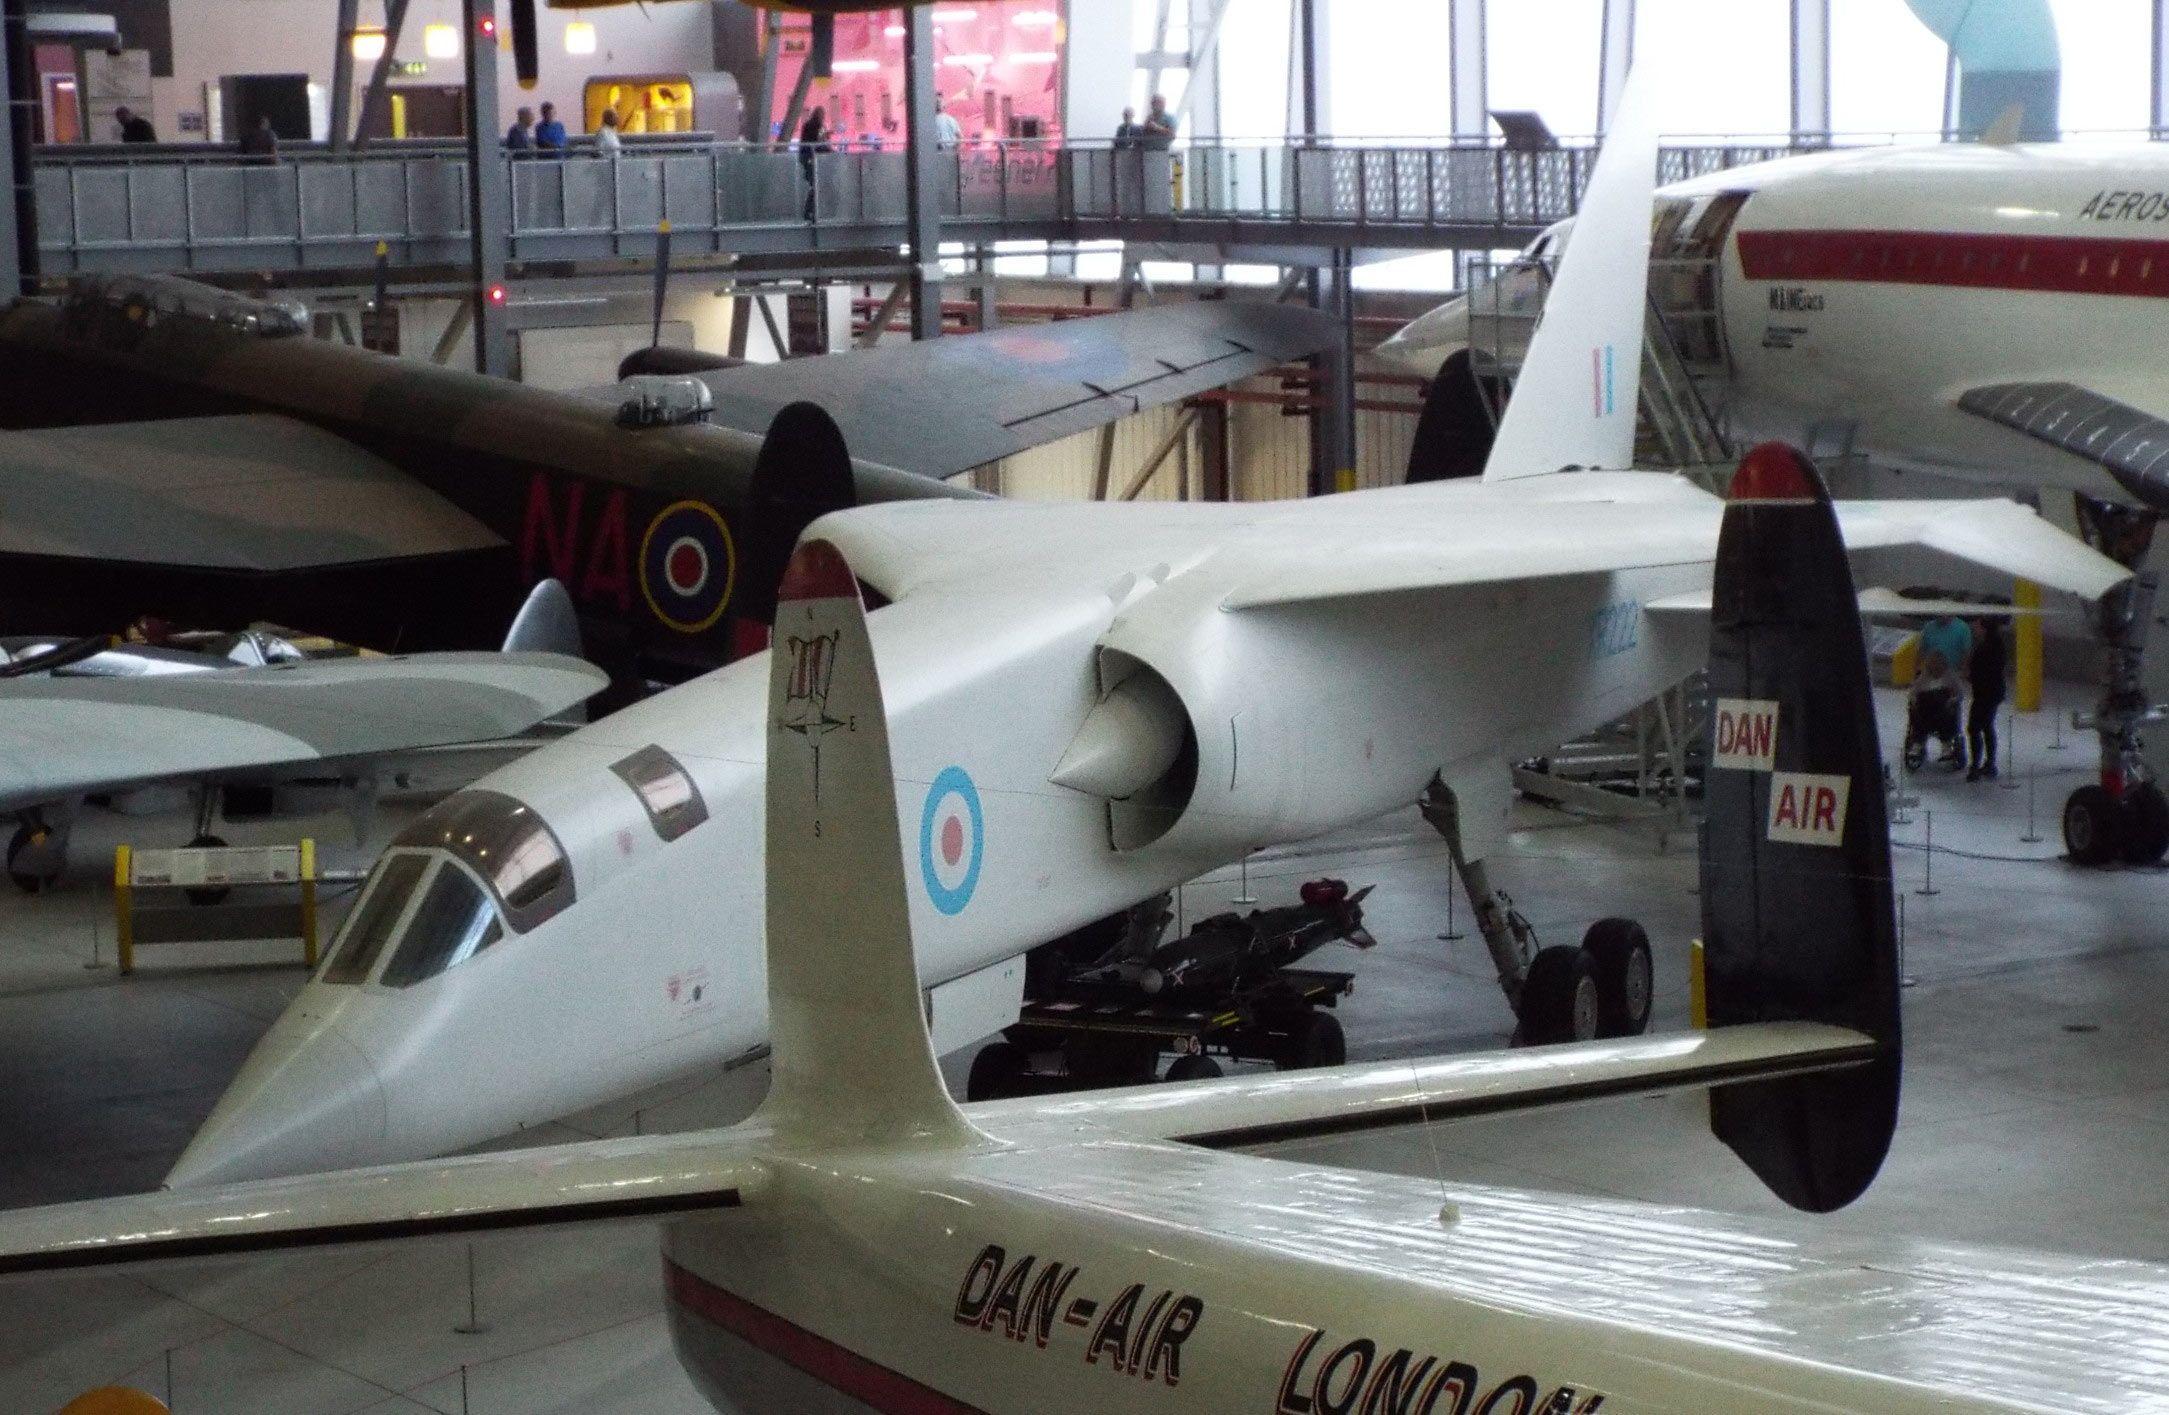 Hawker Siddeley TSR2 Imperial War Museum Duxford